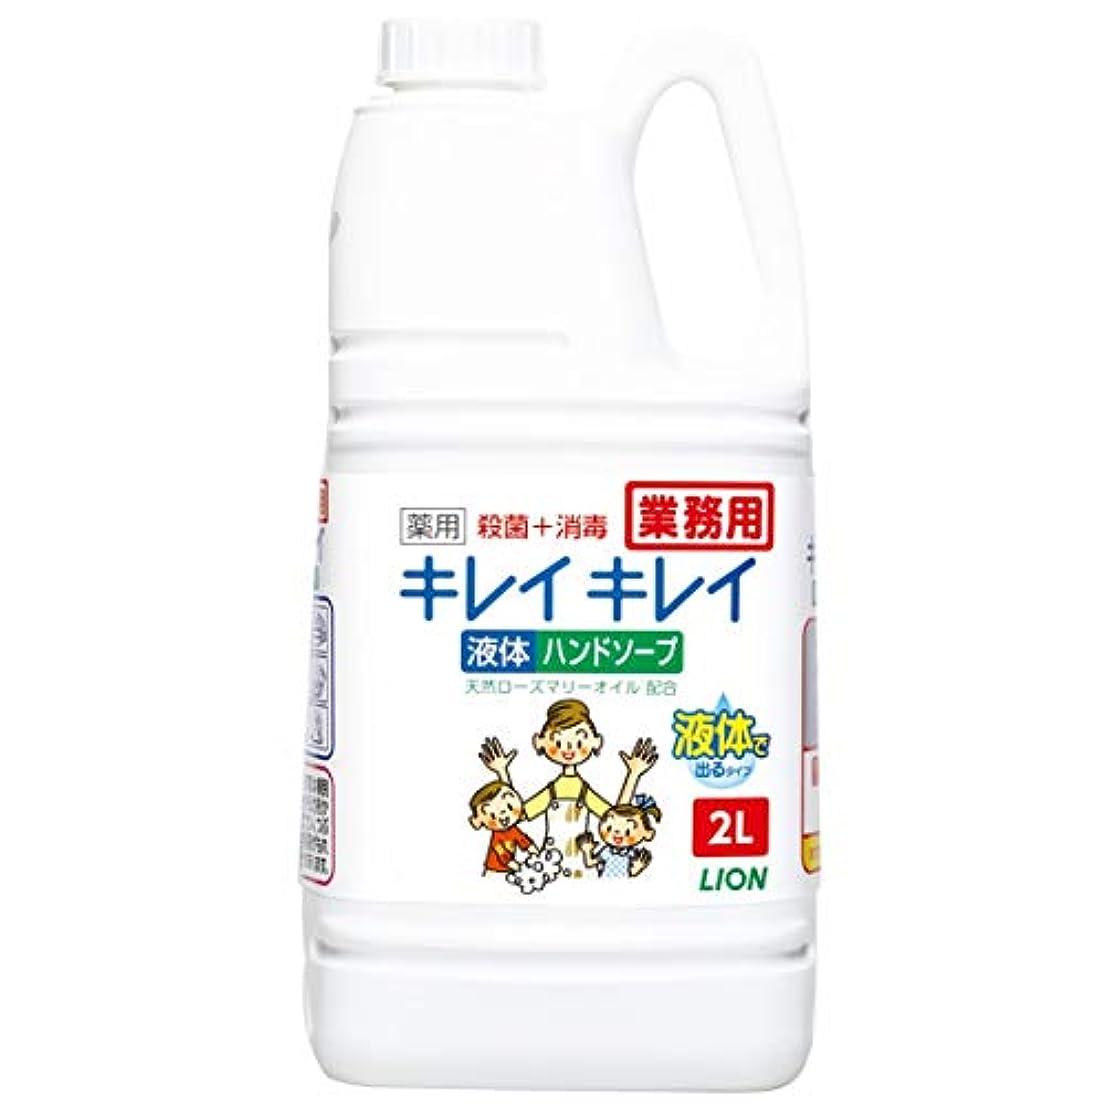 資産十分に合図【業務用 大容量】キレイキレイ 薬用 ハンドソープ 2L(医薬部外品)